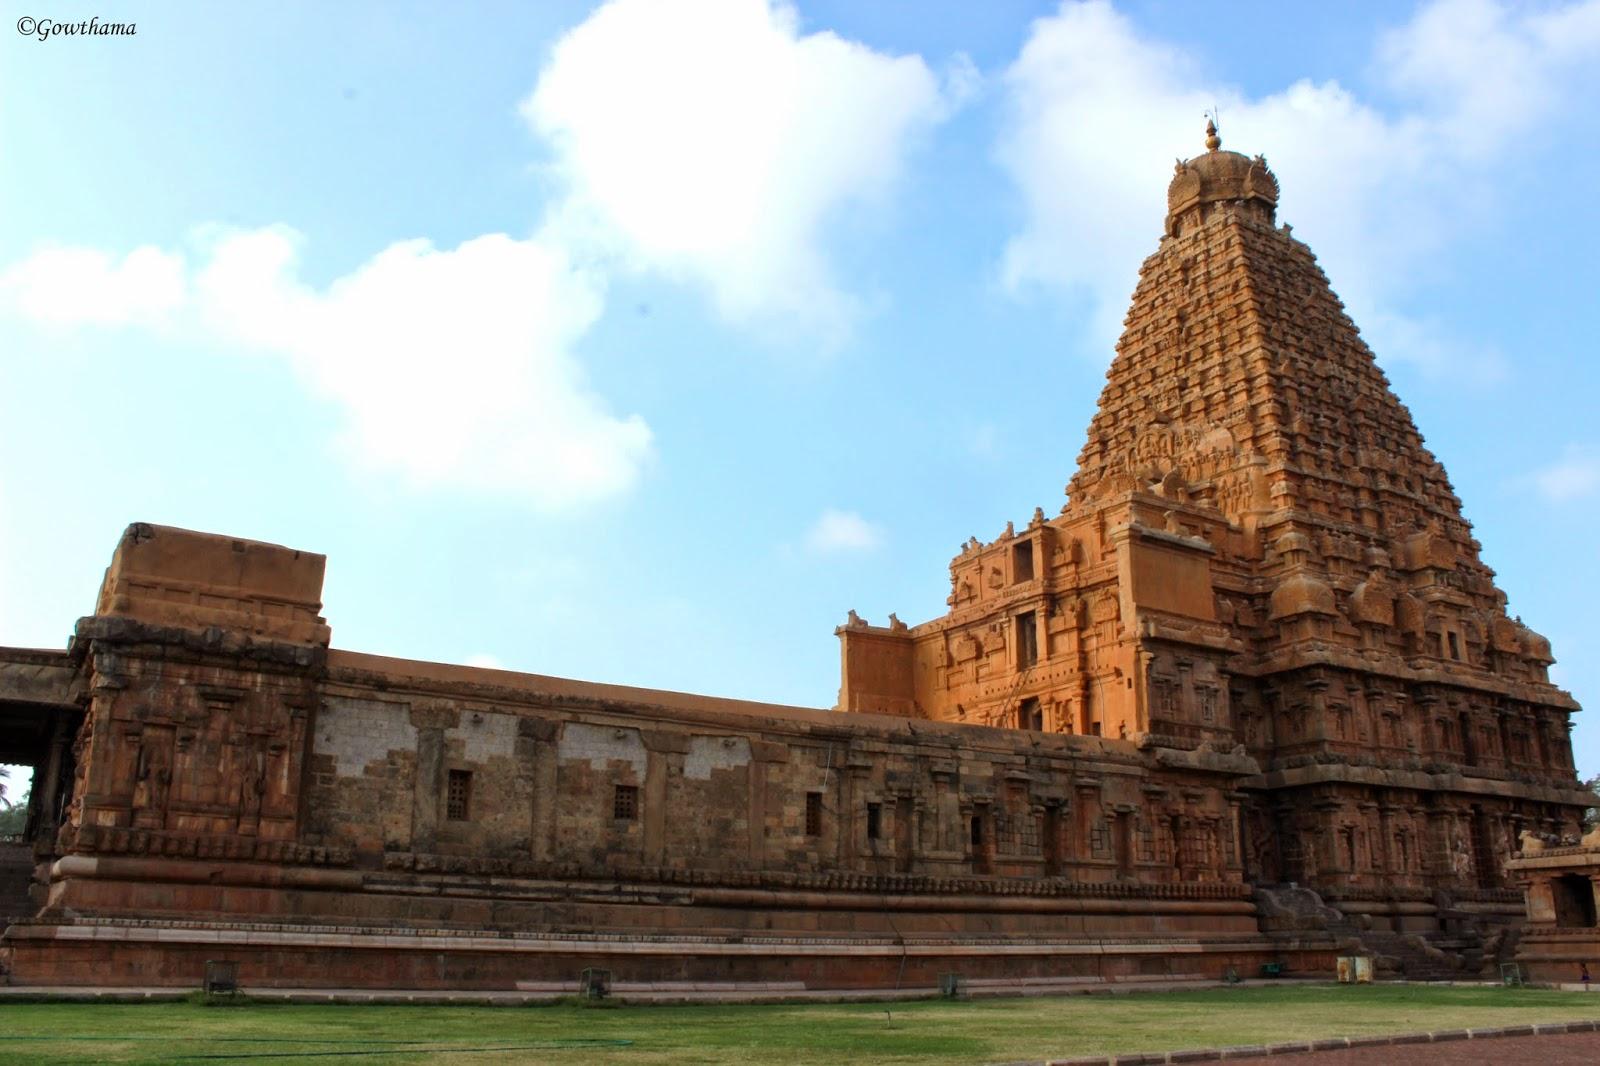 Thanjavur Pragadeeshwaran temple